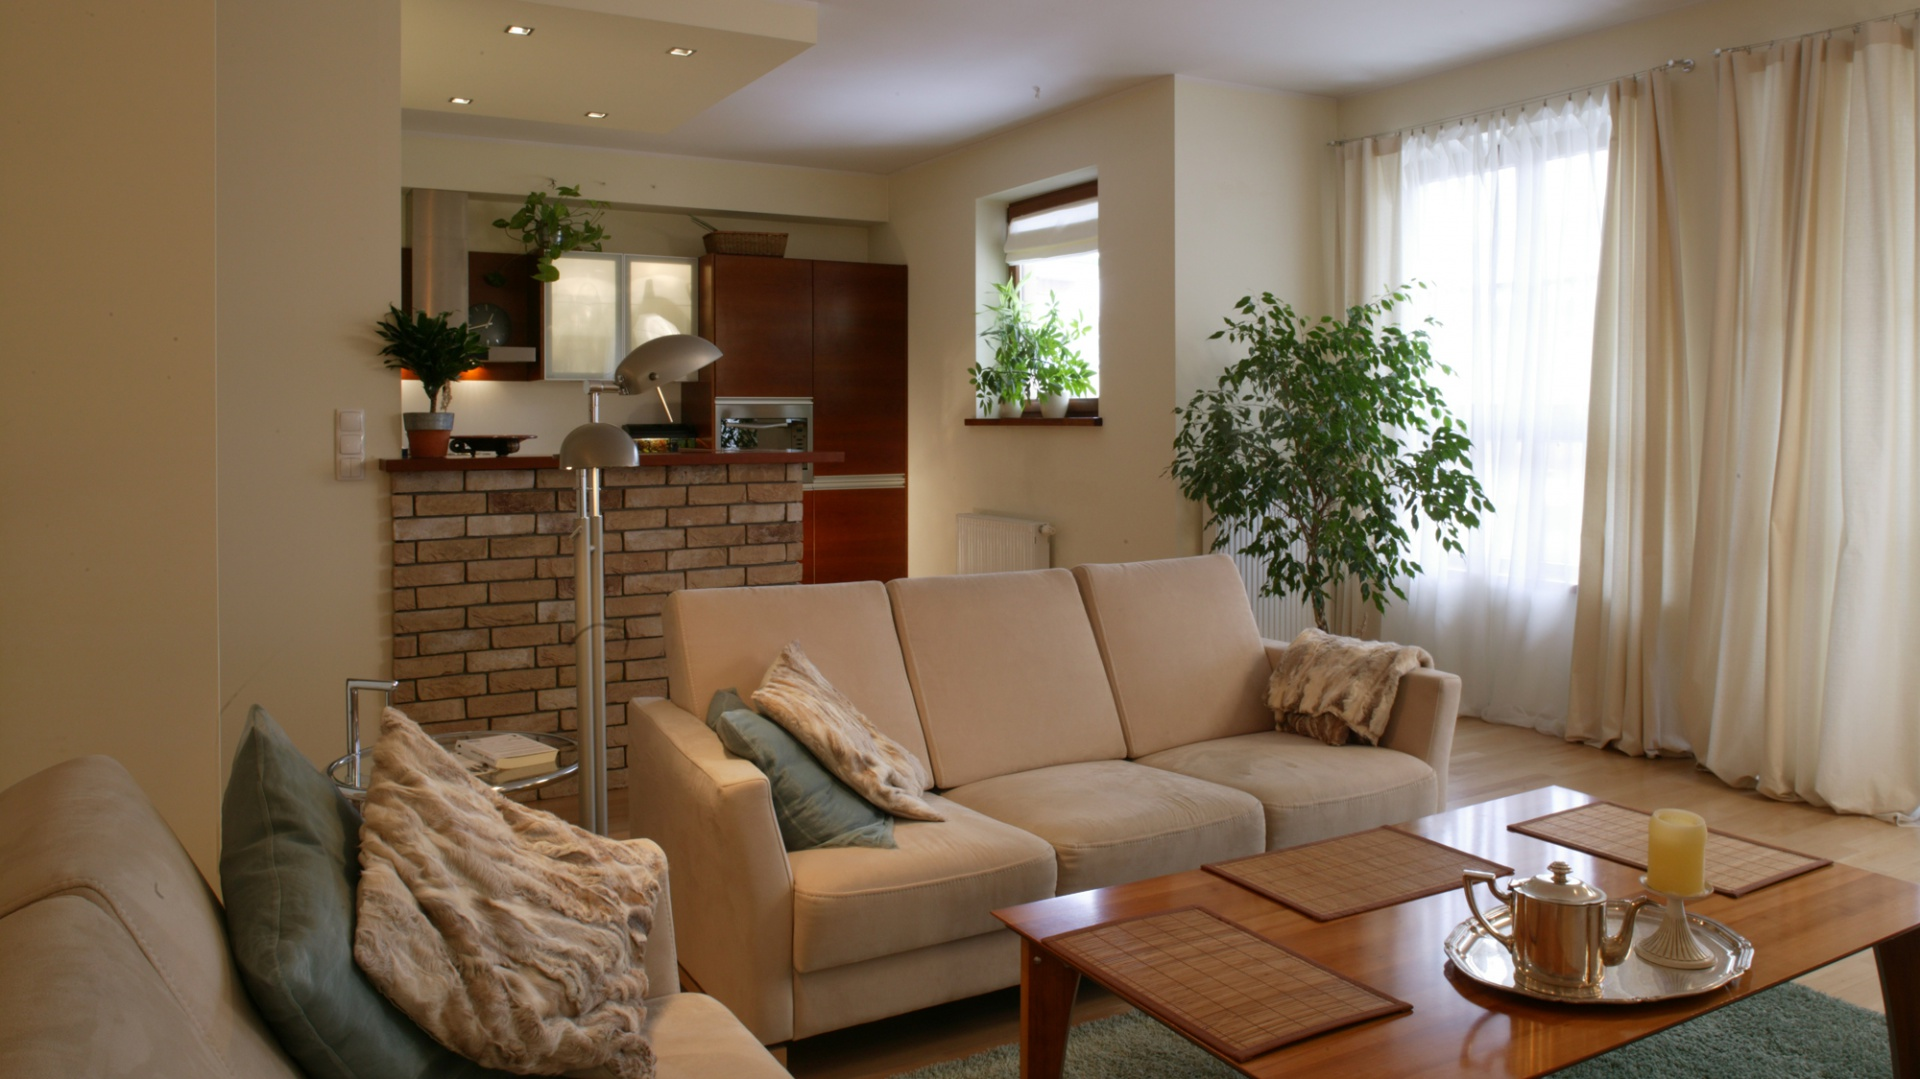 Miękkie kanapy, puszysty Kuchnia częściowo otwarta na   -> Sufit Kuchnia Salon